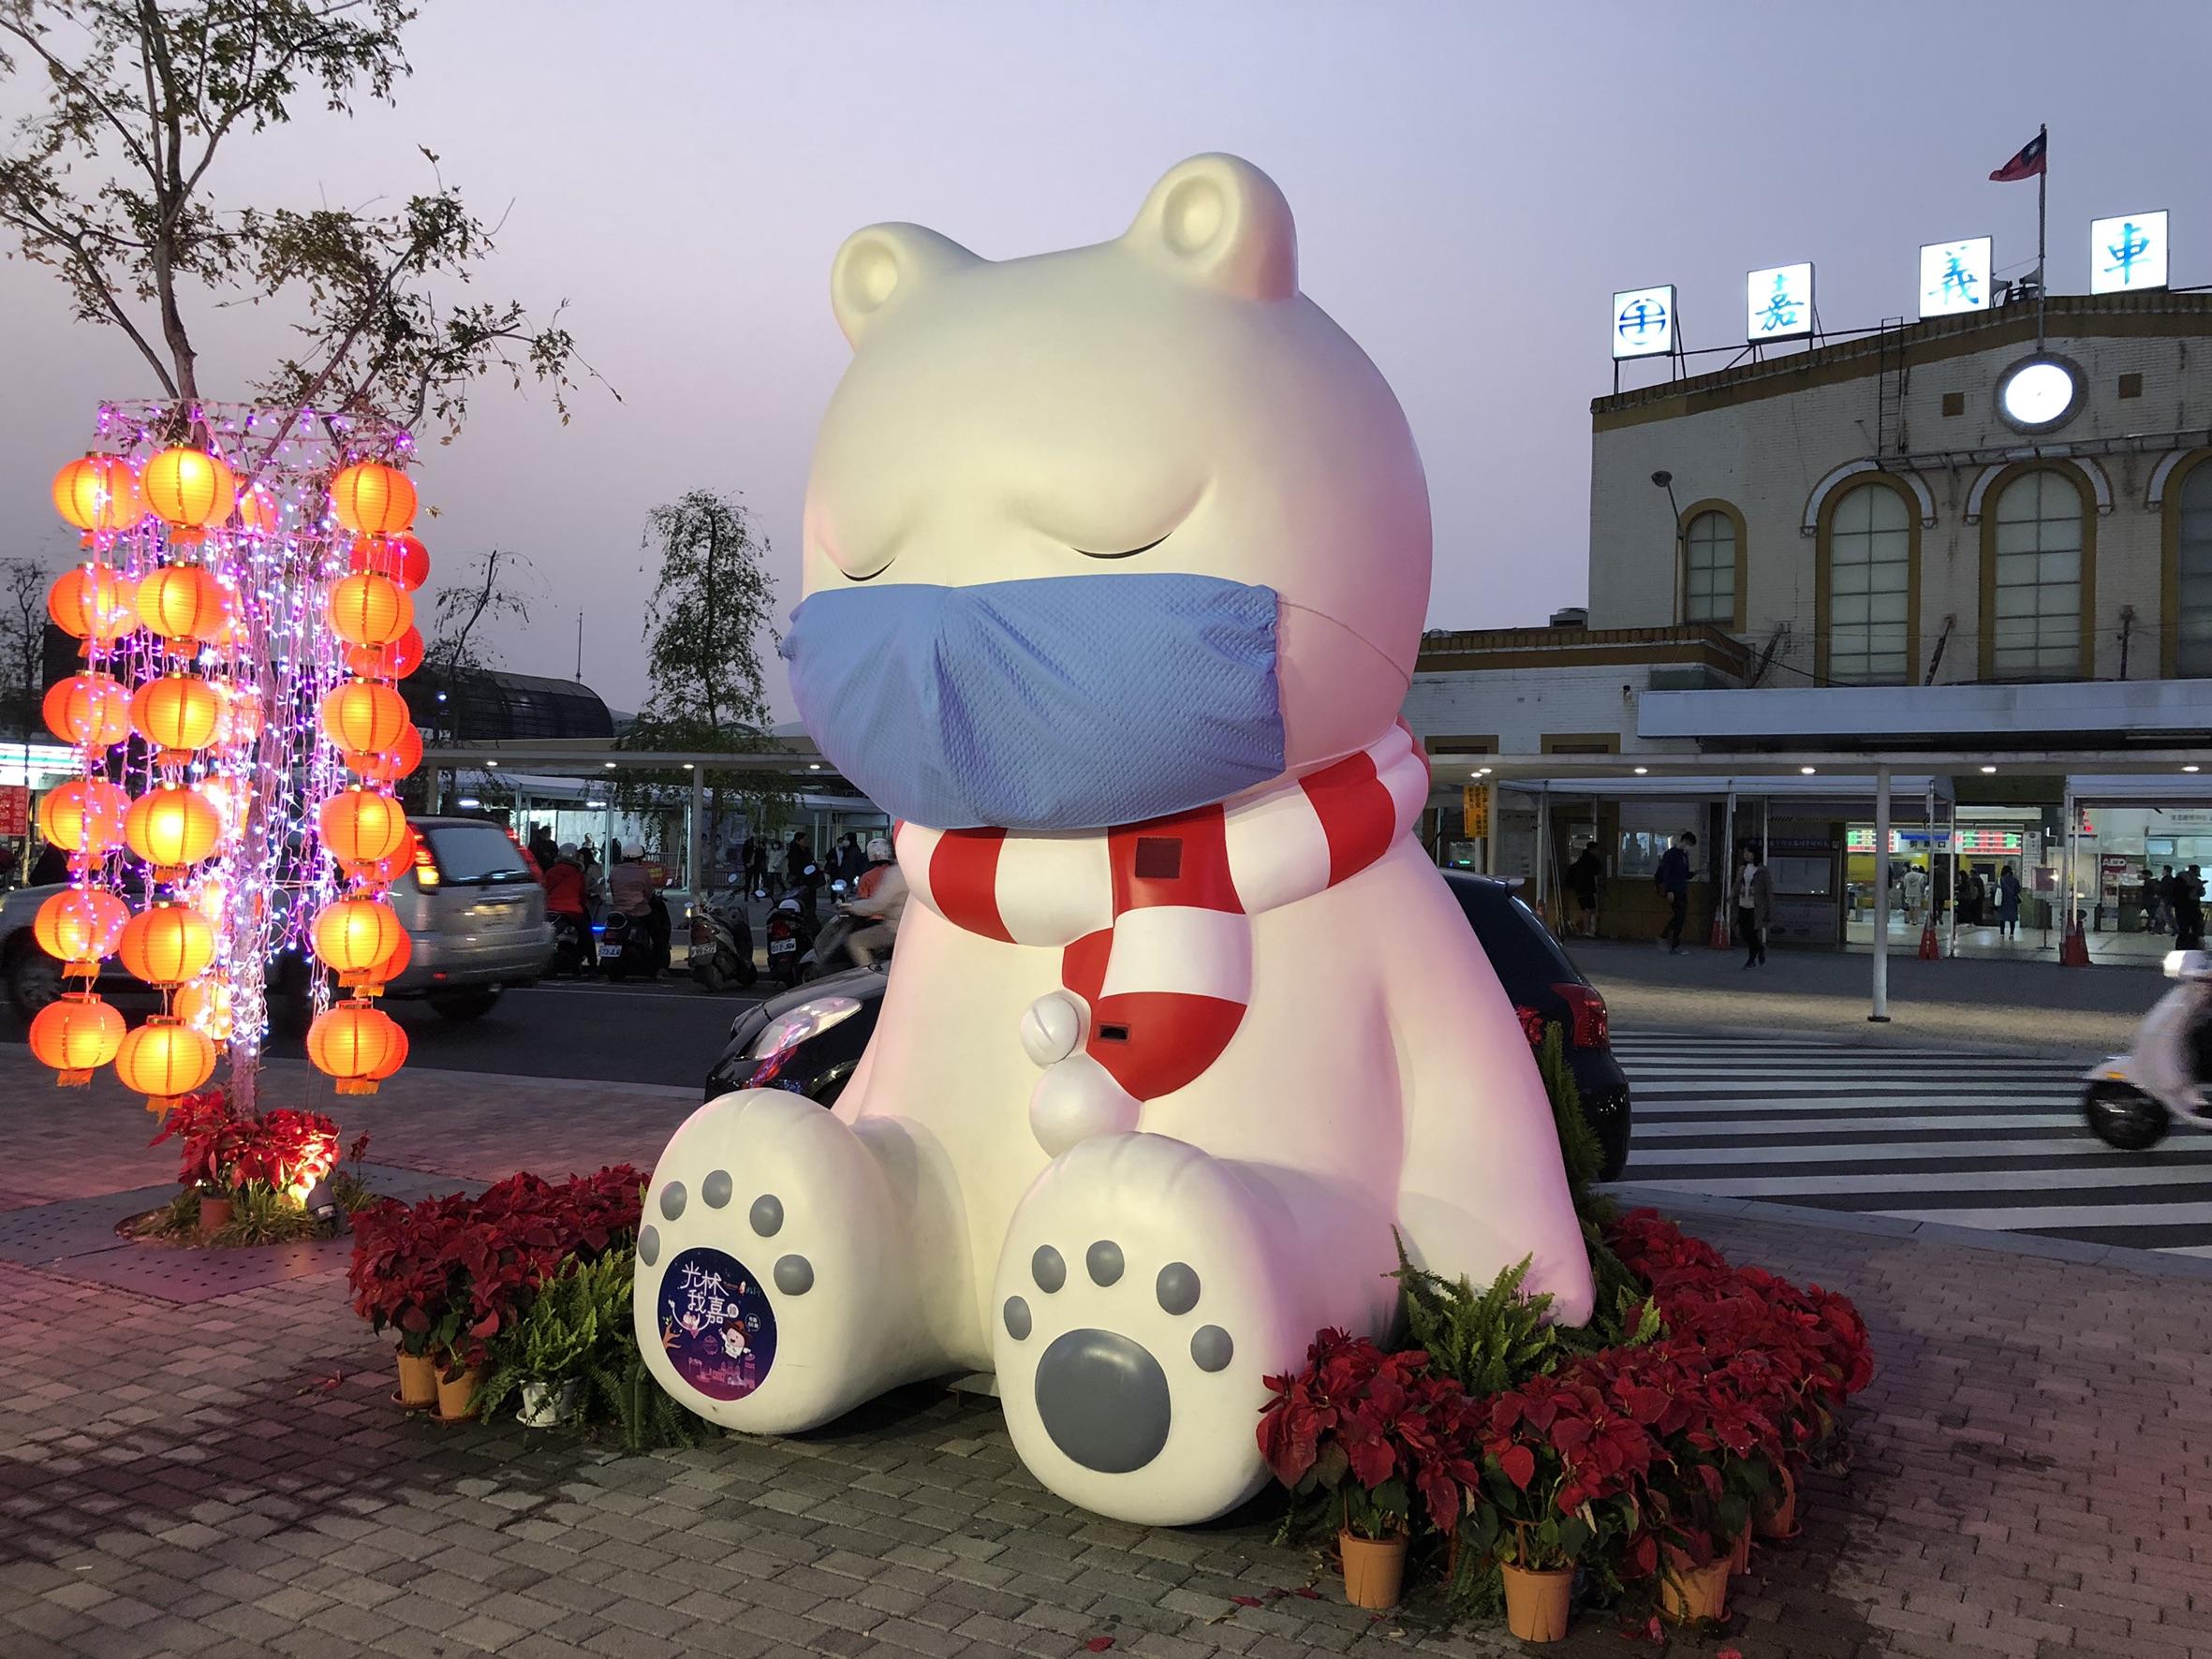 台可愛大白熊戴口罩提醒防疫 獲日本雅虎首頁報道